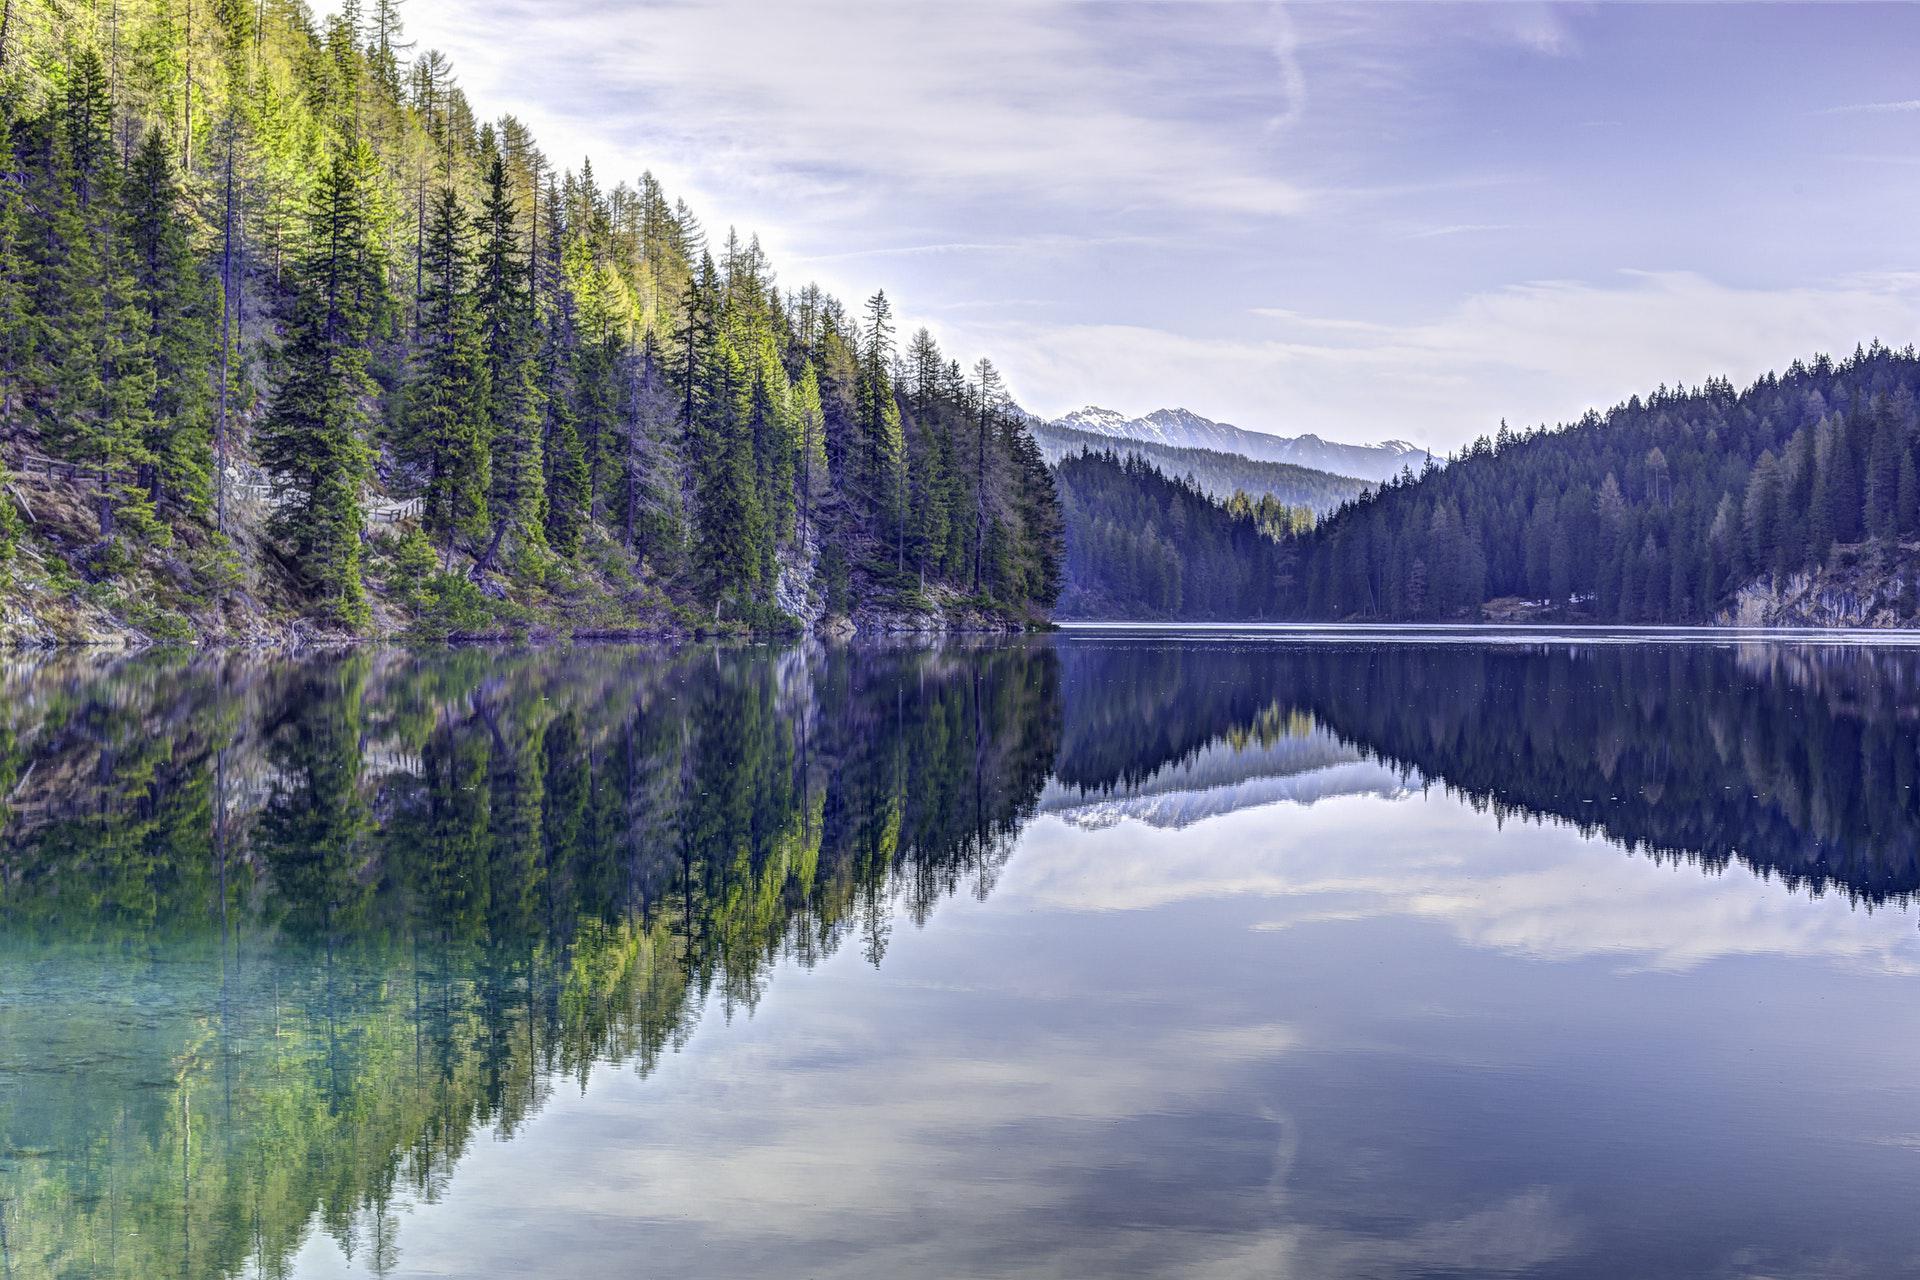 عکس زمینه درختان کاج سبز در کنار دریاچه پس زمینه